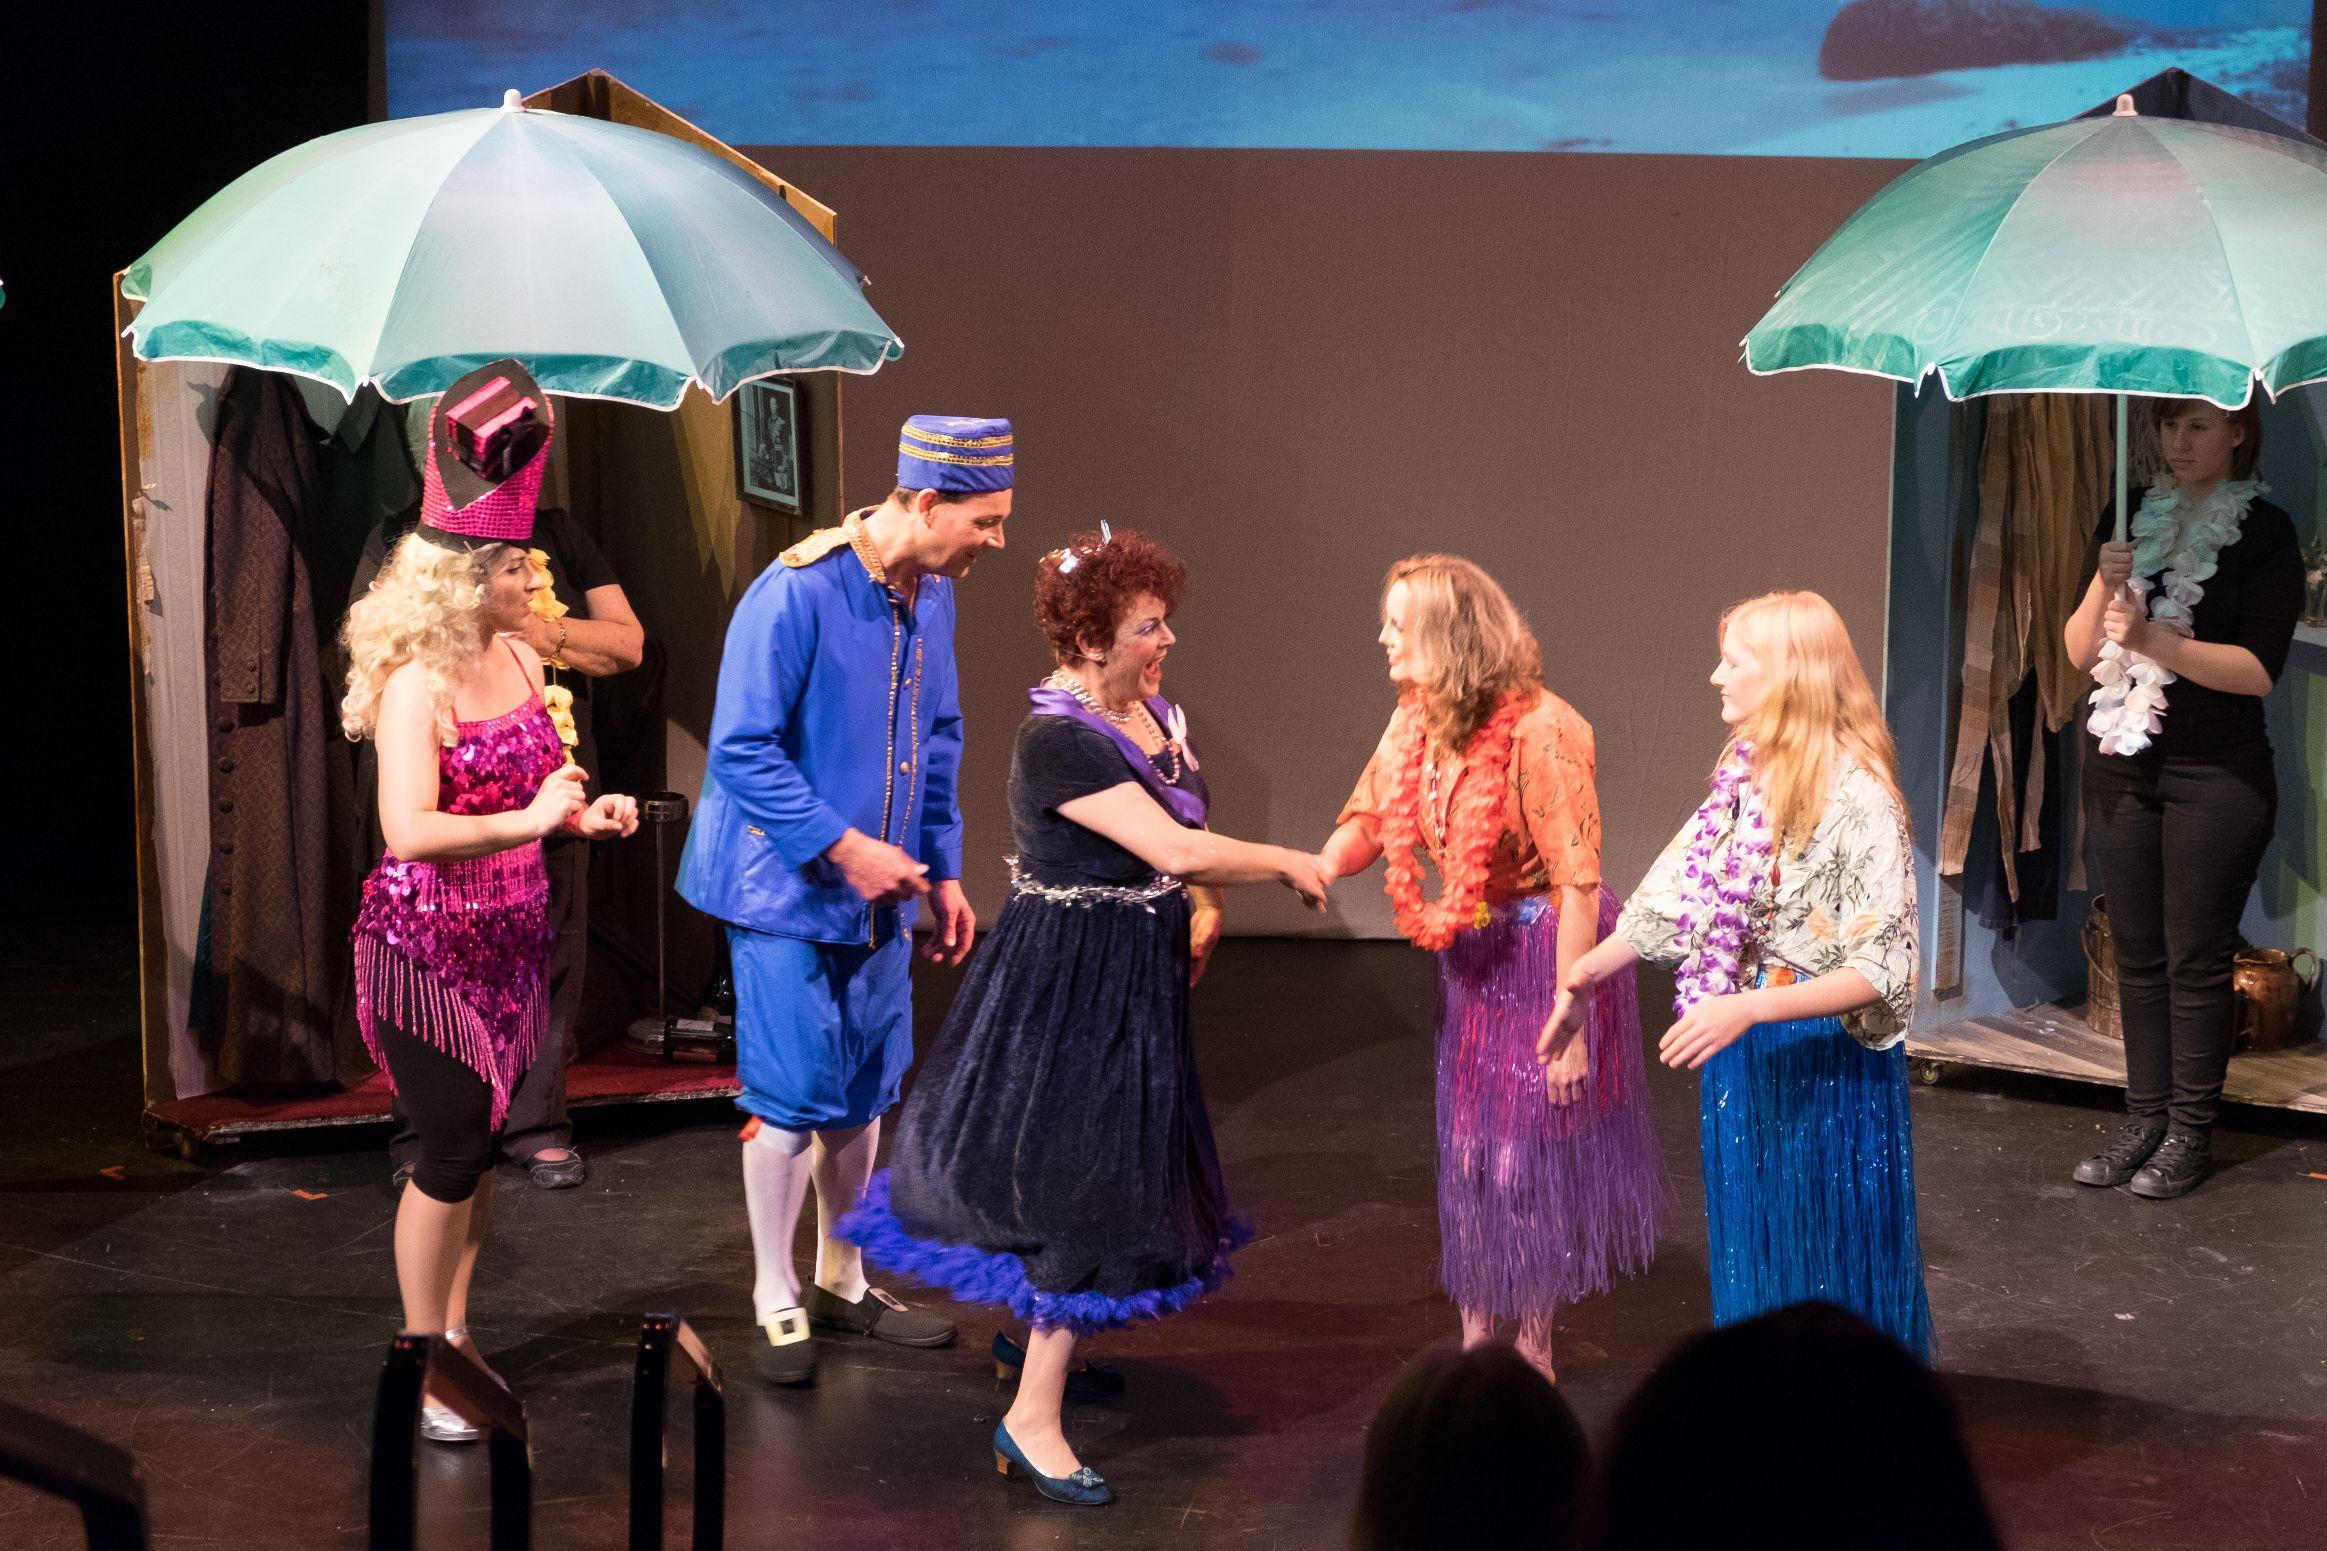 Cinderella 2015 Musical Theatre Gisborne